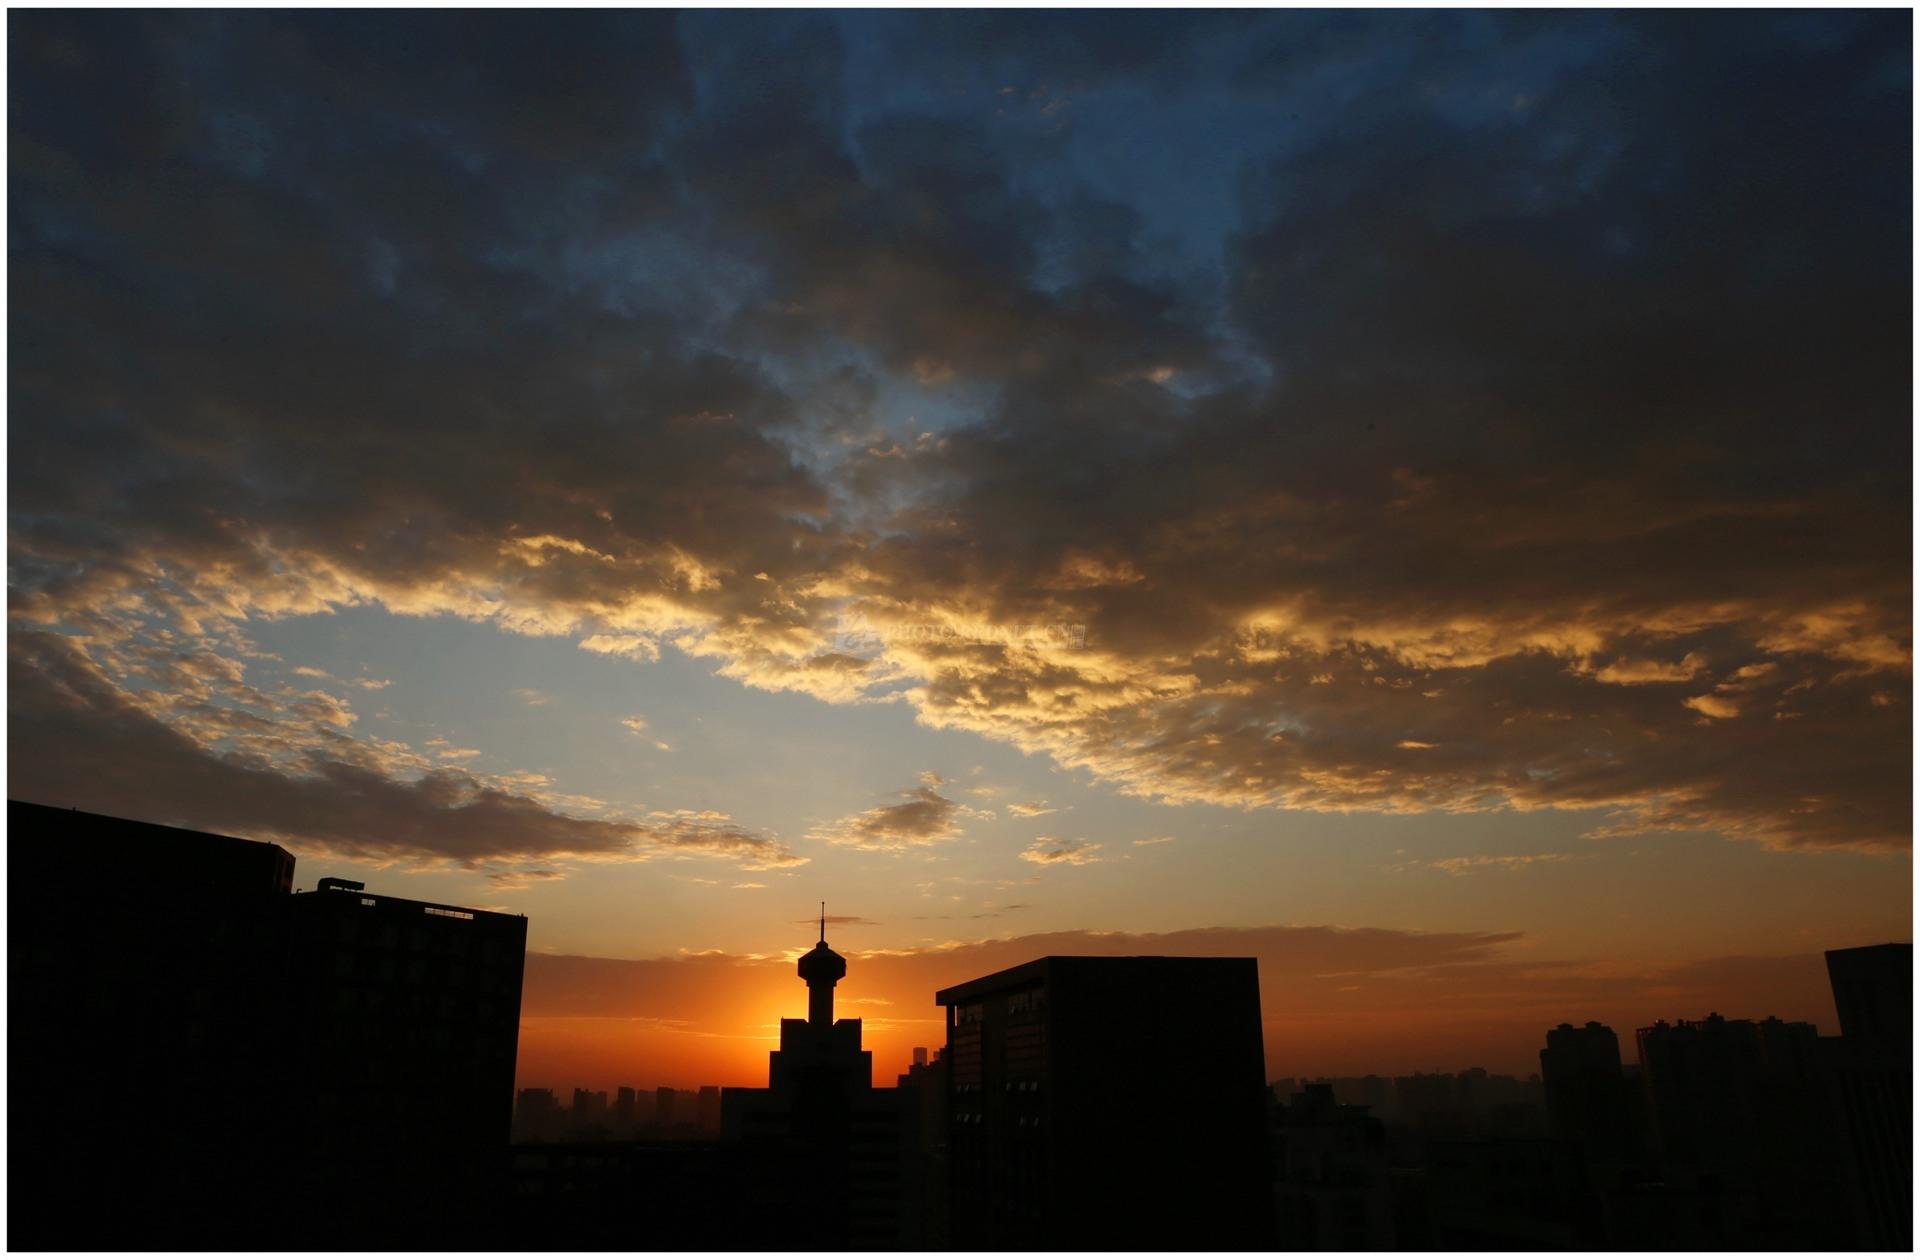 10月22日清晨,长沙朝霞满天,映红了半边天际,大自然鬼斧神功的雕琢如梦似幻。(图/彭定湘)